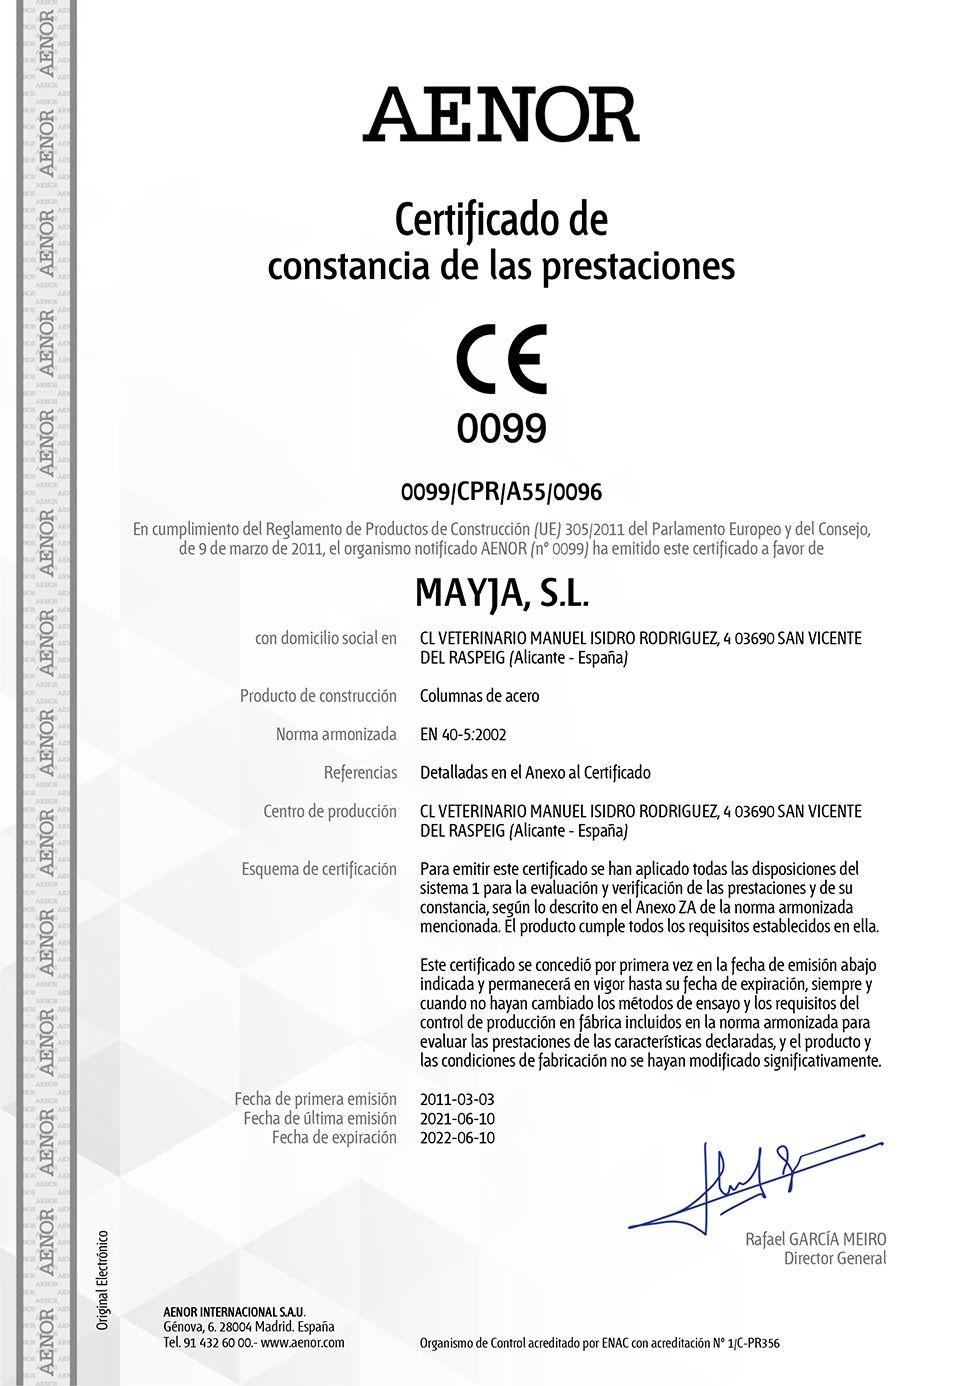 Certificado de Conformidad CE - Norma EN 40-5